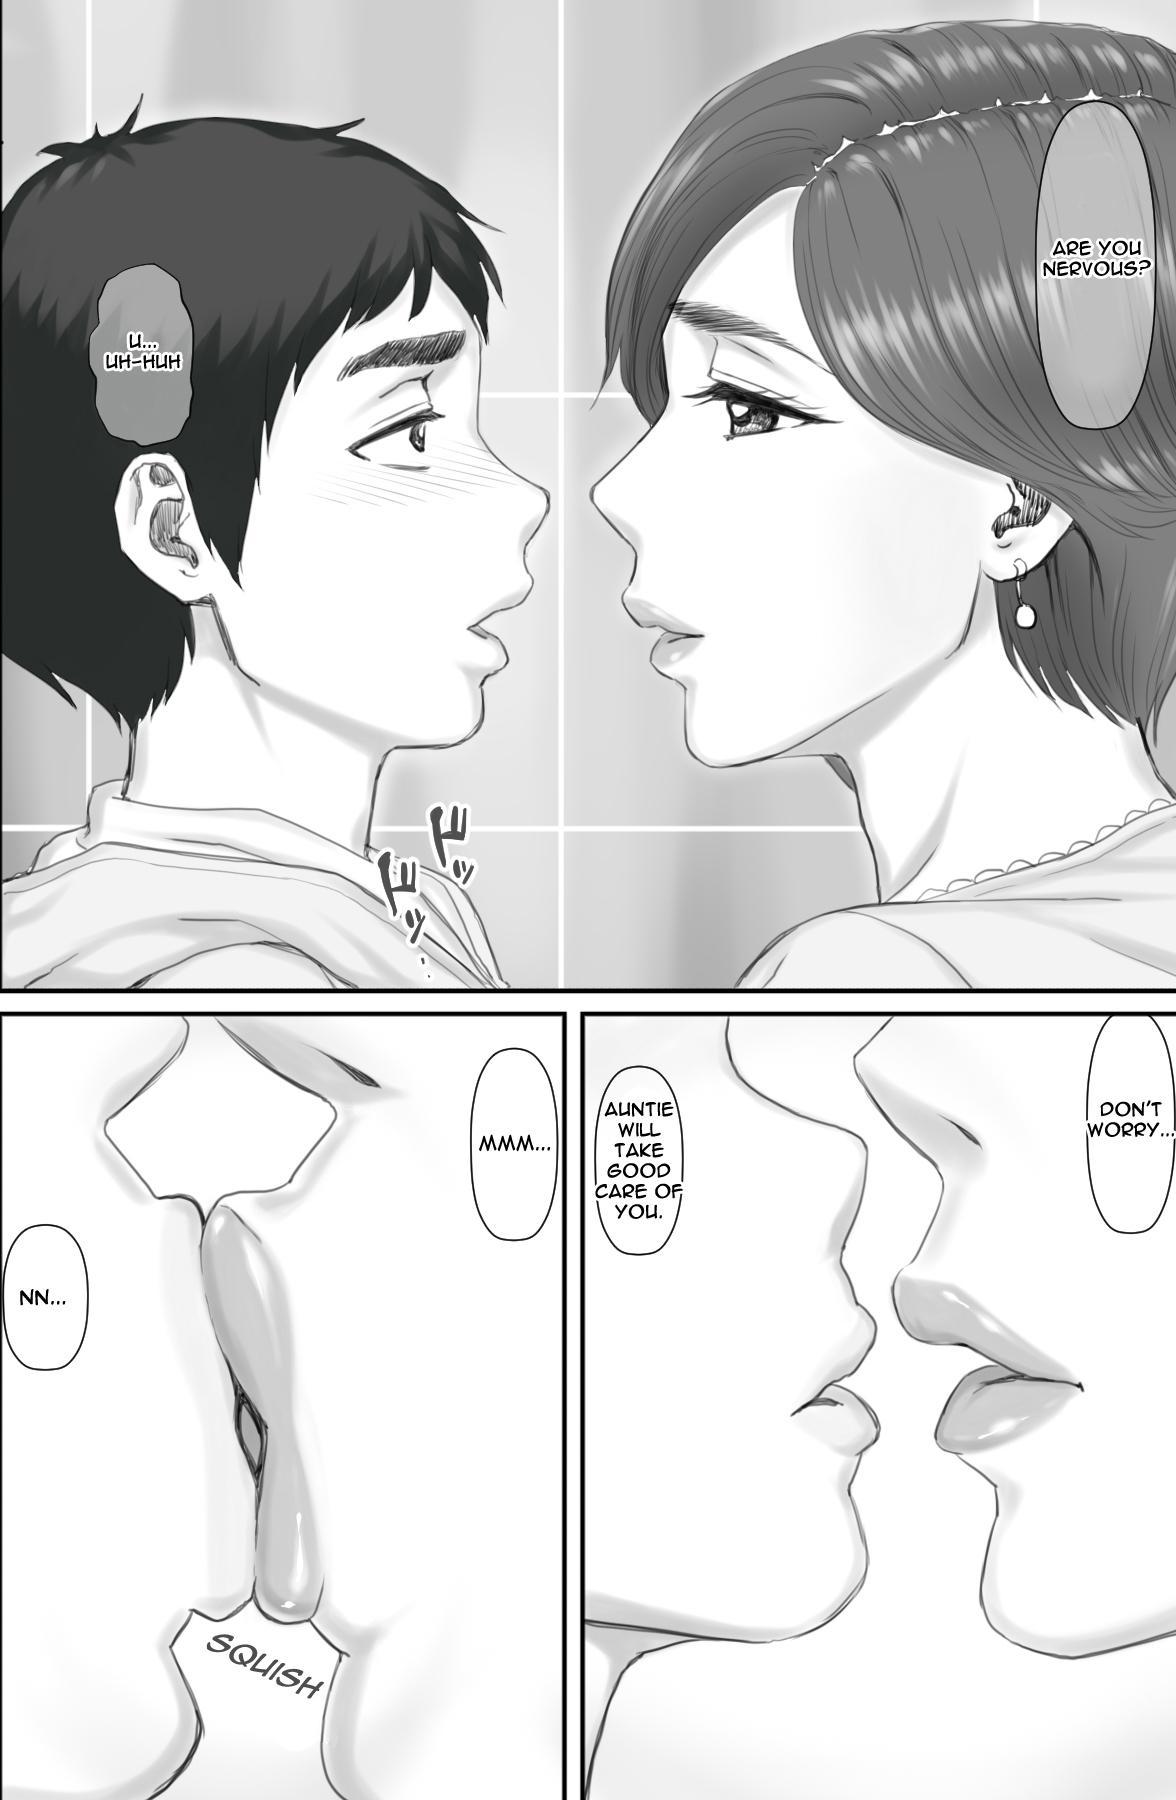 [Ponkotsu Damashii] Boku no Kanojo wa 40-sai no Hitozuma de Mama no Tomodachi | My Girlfriend is my mom's friend - A 40 year old housewife [English] [Jashinslayer] 23